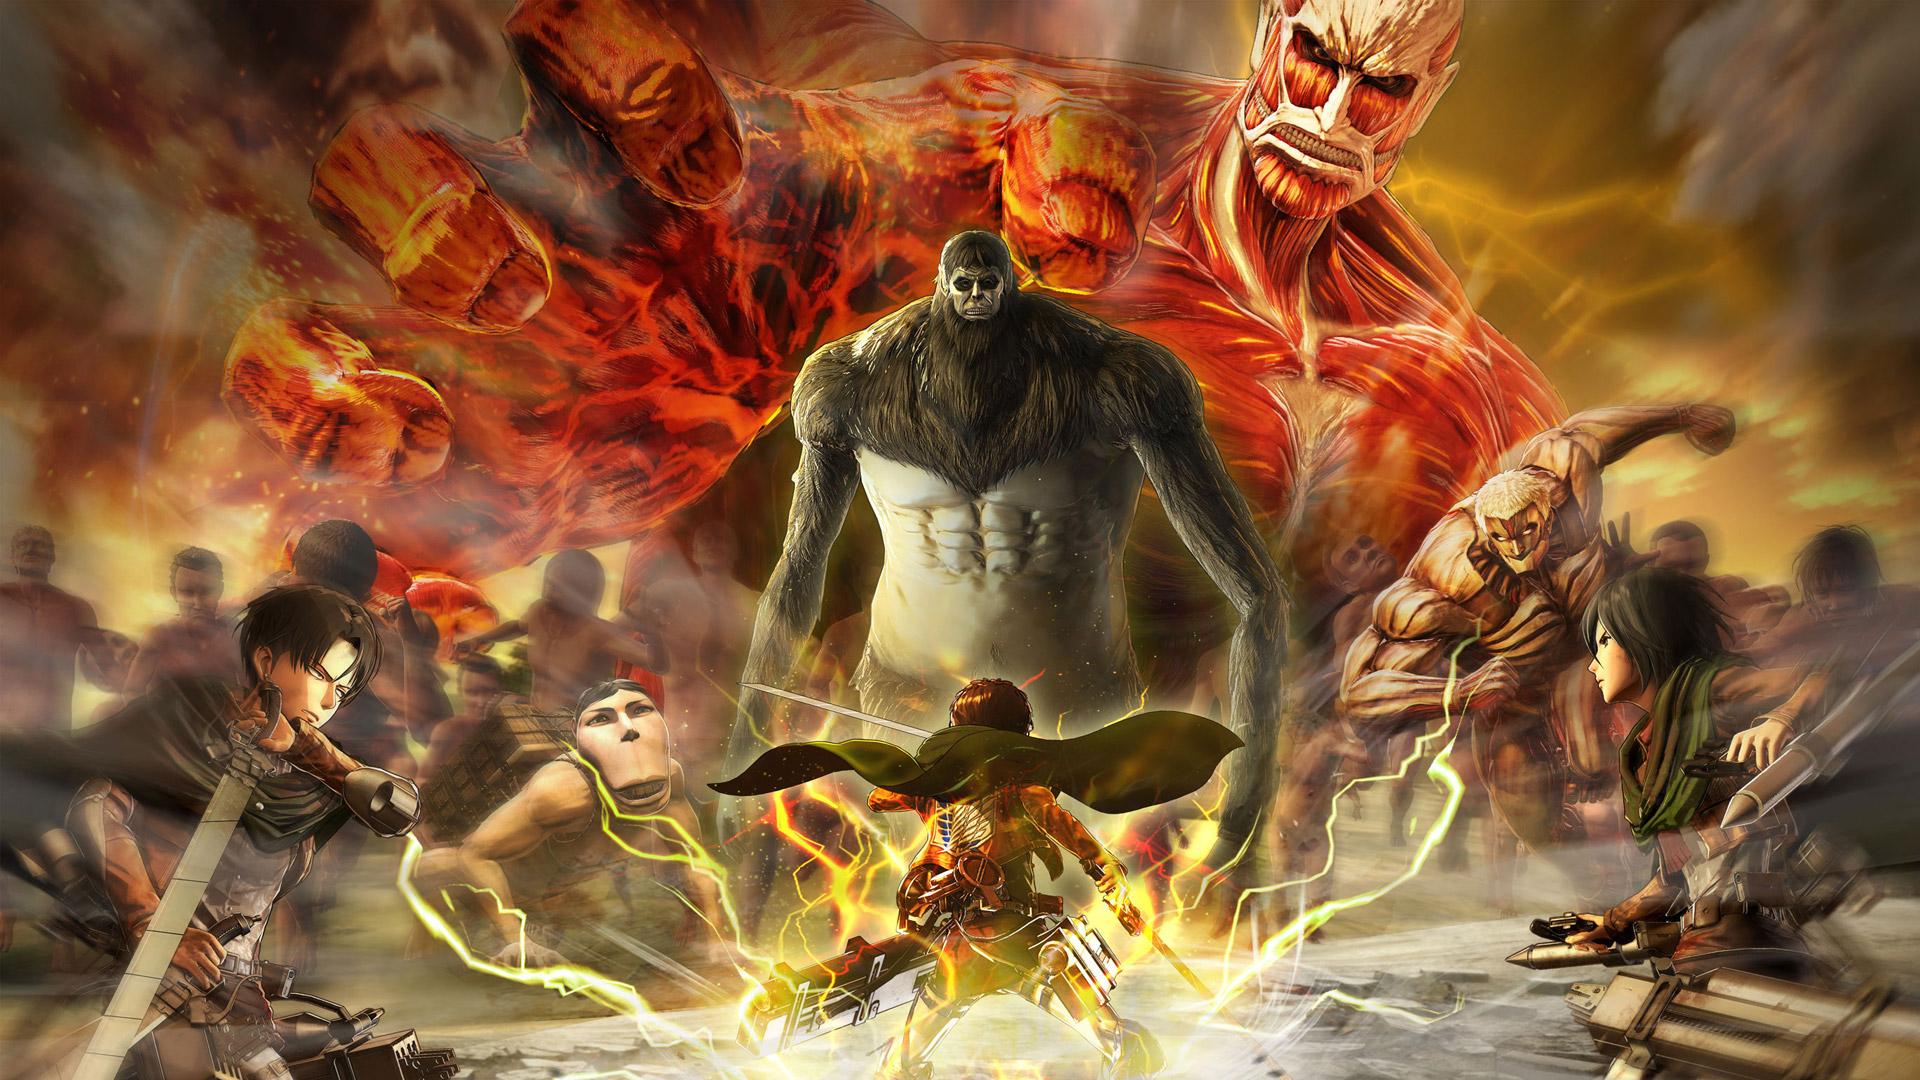 Attack On Titan 2 Wallpaper In   Attack On Titan 2 Final 1920x1080